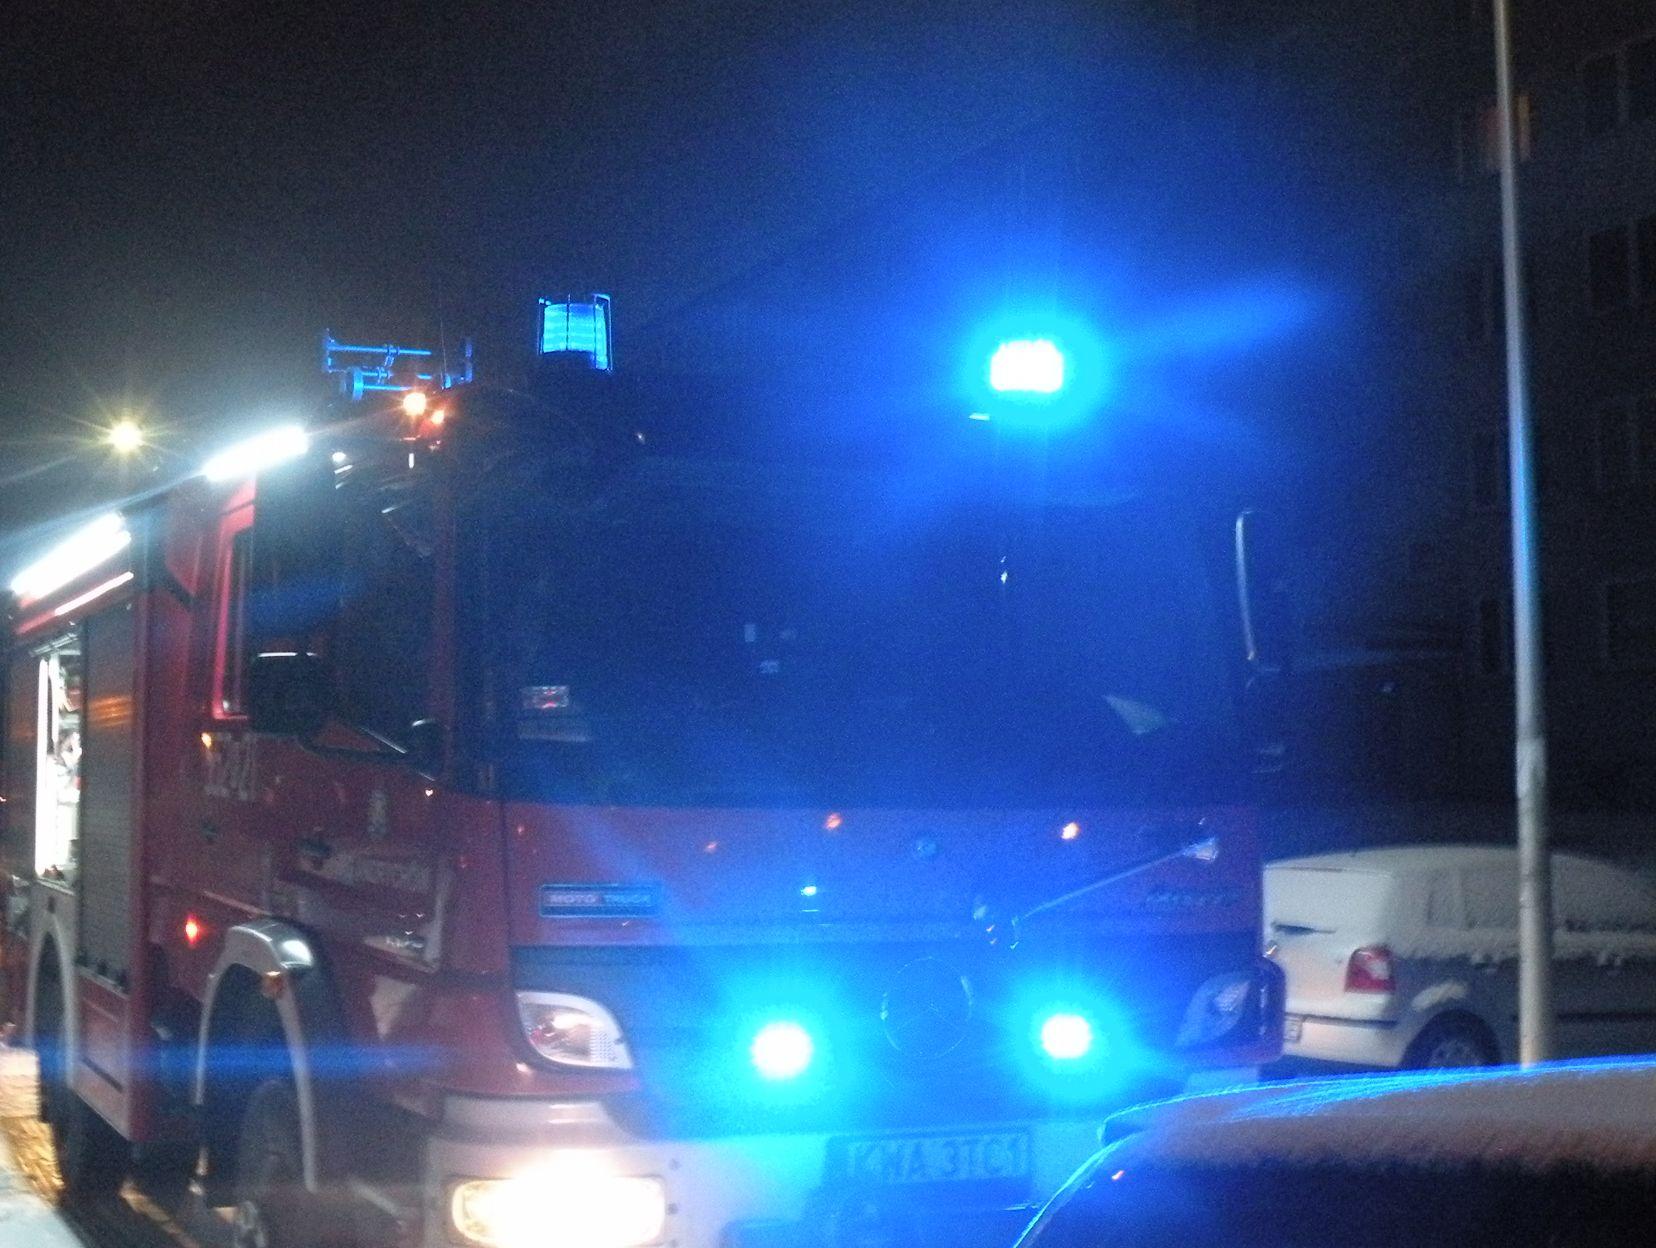 Strażacy udzielali pomocy dziecku i gasili duży pożar